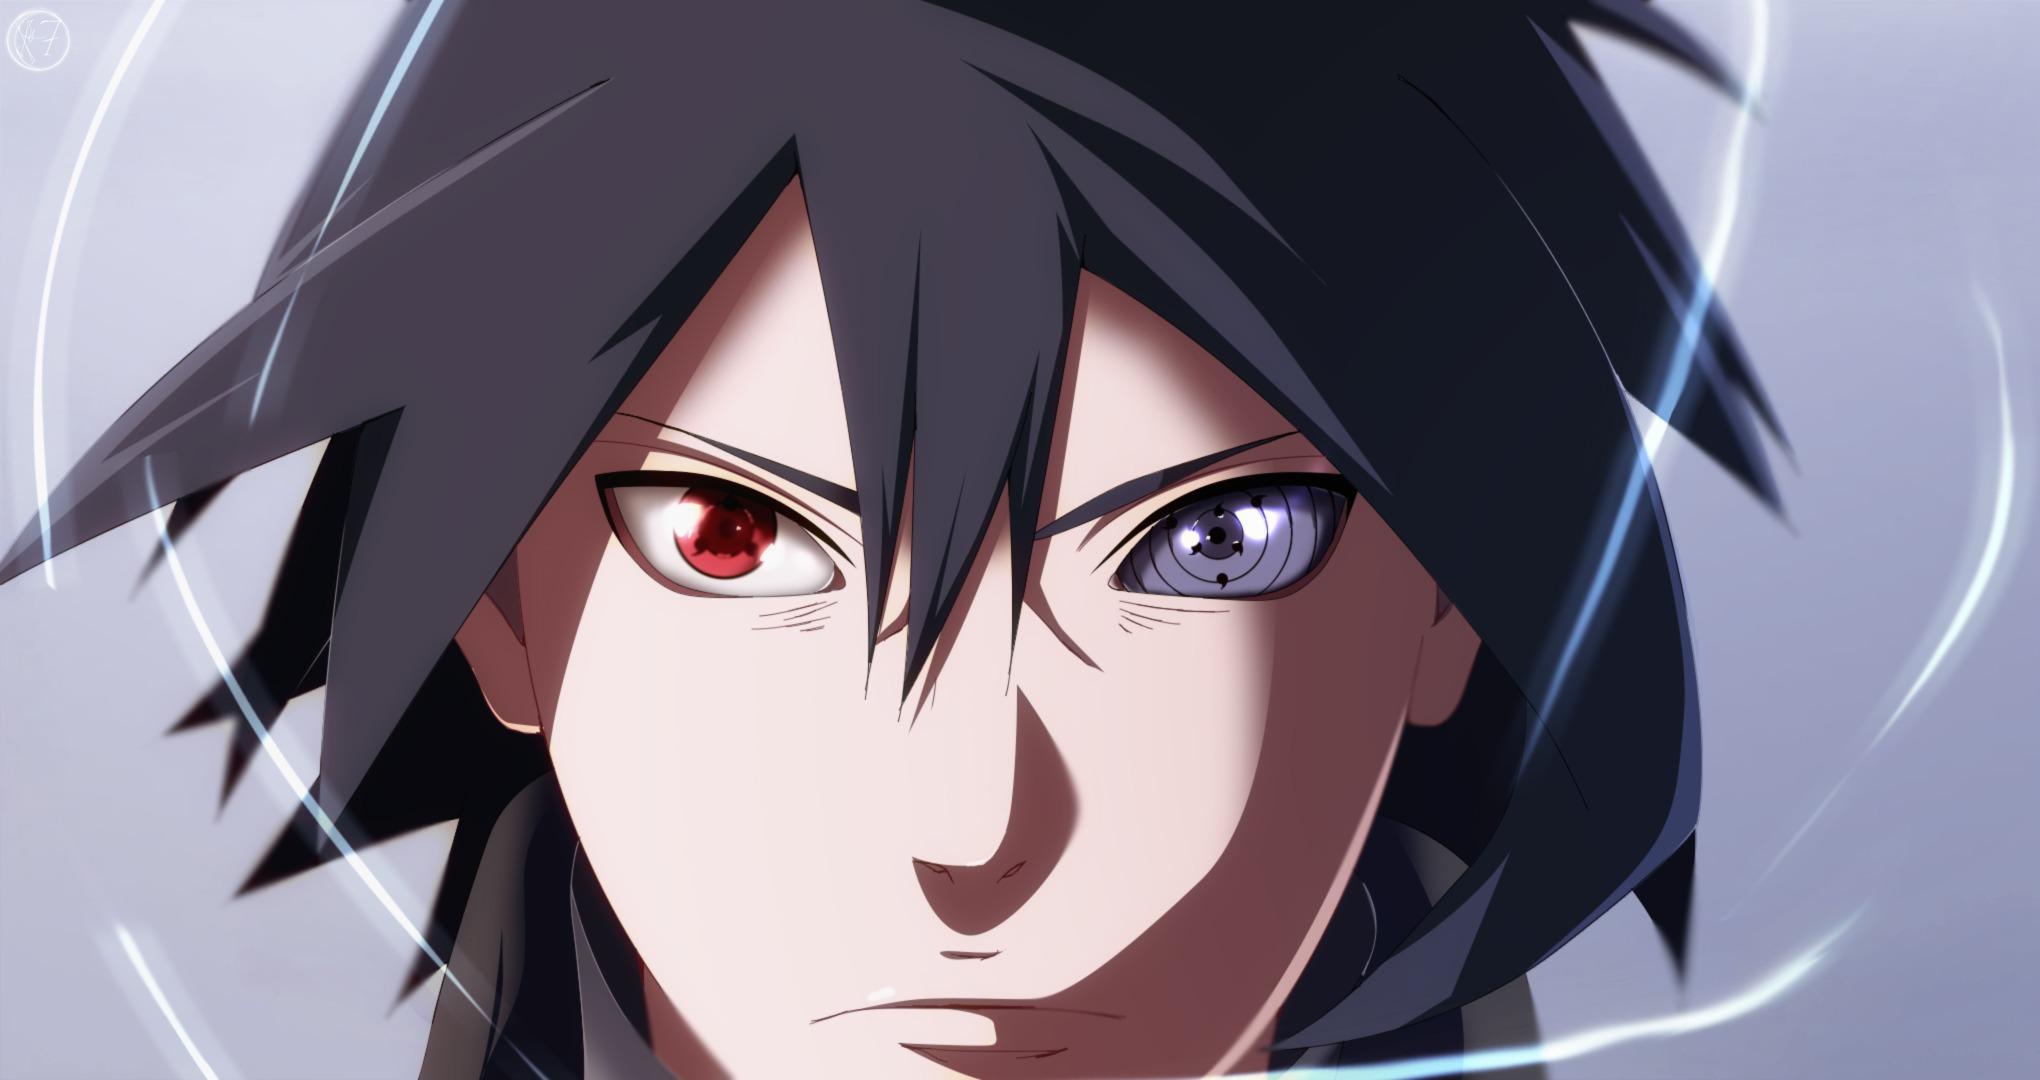 sasuke uchiha full hd wallpaper and background image